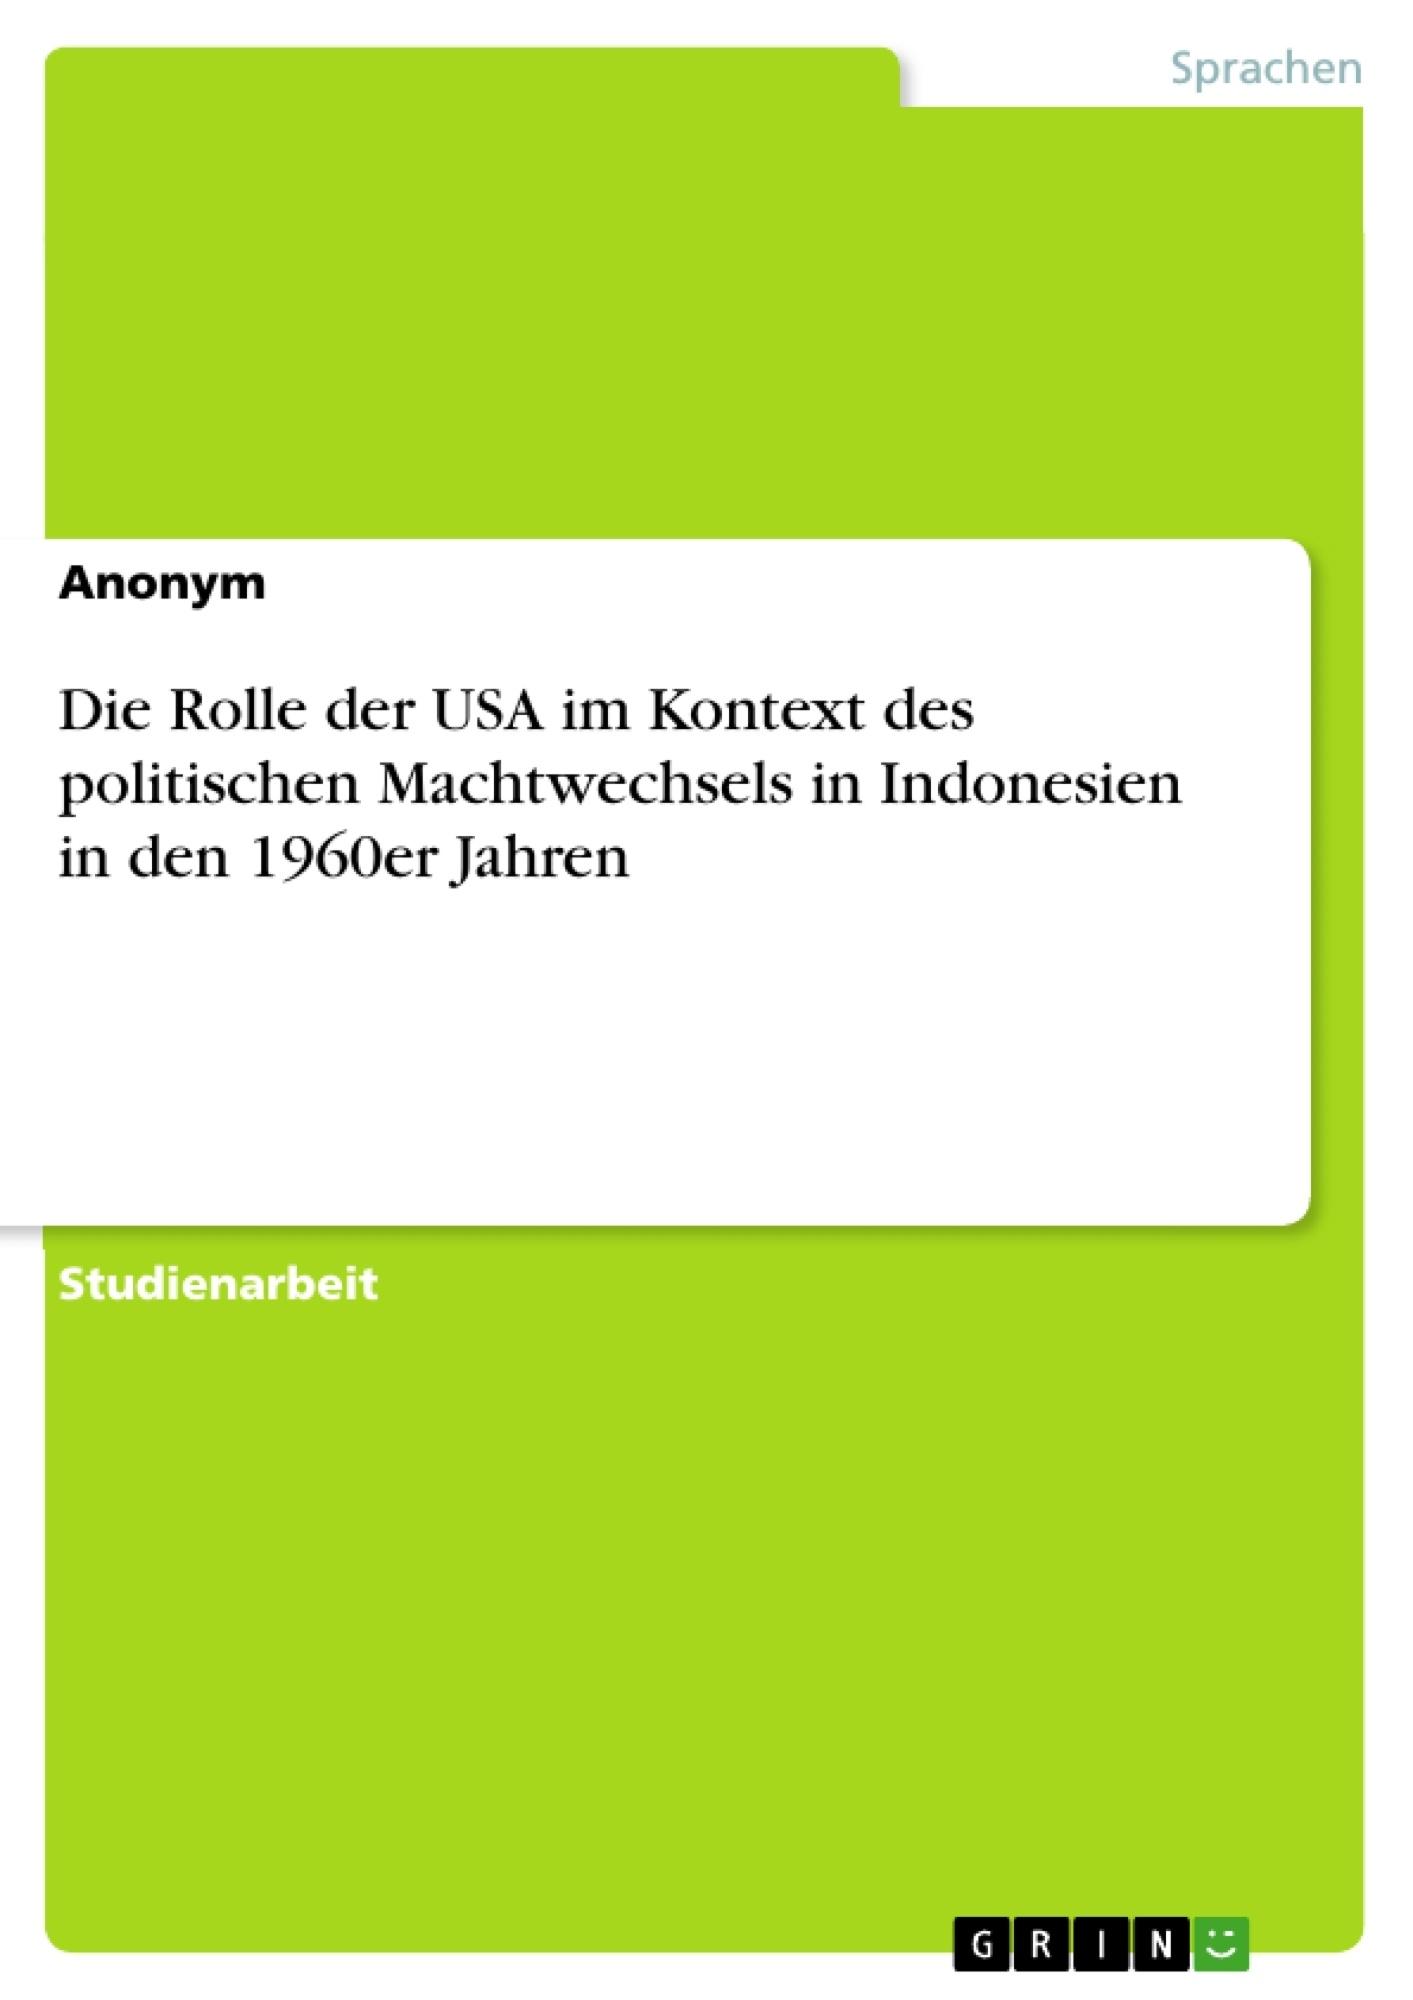 Titel: Die Rolle der USA im Kontext des politischen Machtwechsels in Indonesien in den 1960er Jahren